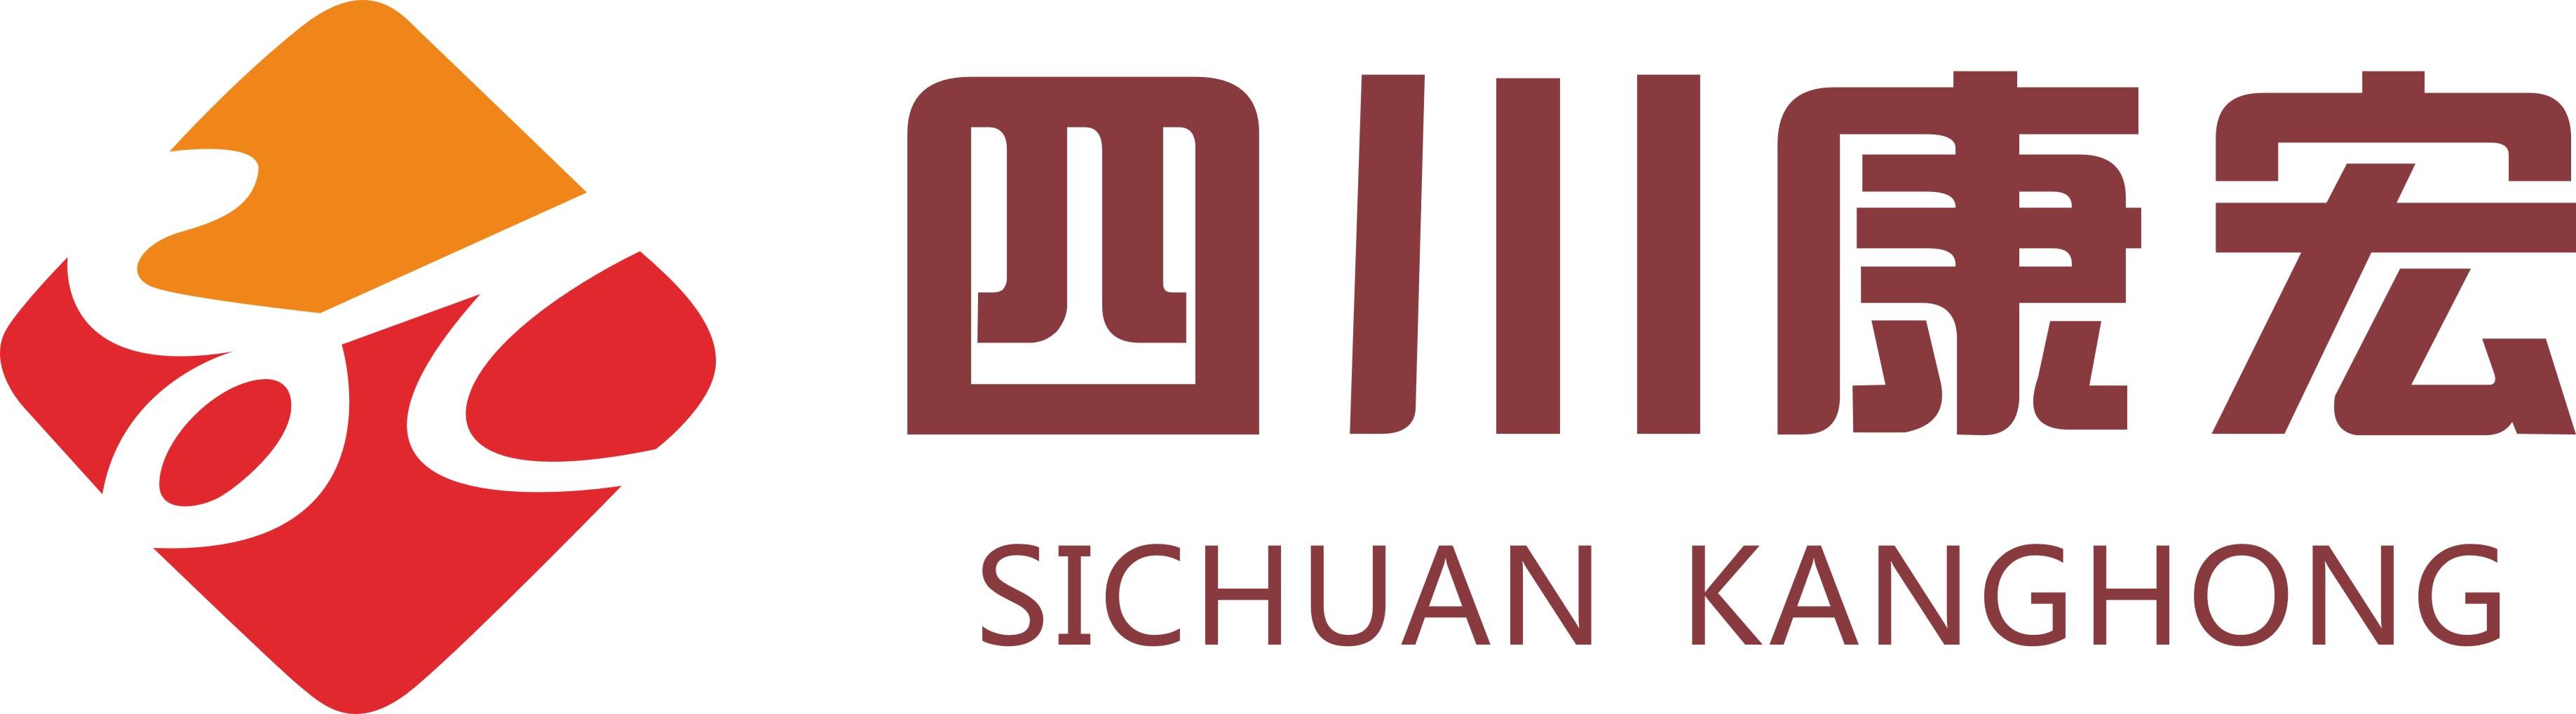 logo 标识 标志 设计 矢量 矢量图 素材 图标 3674_1019